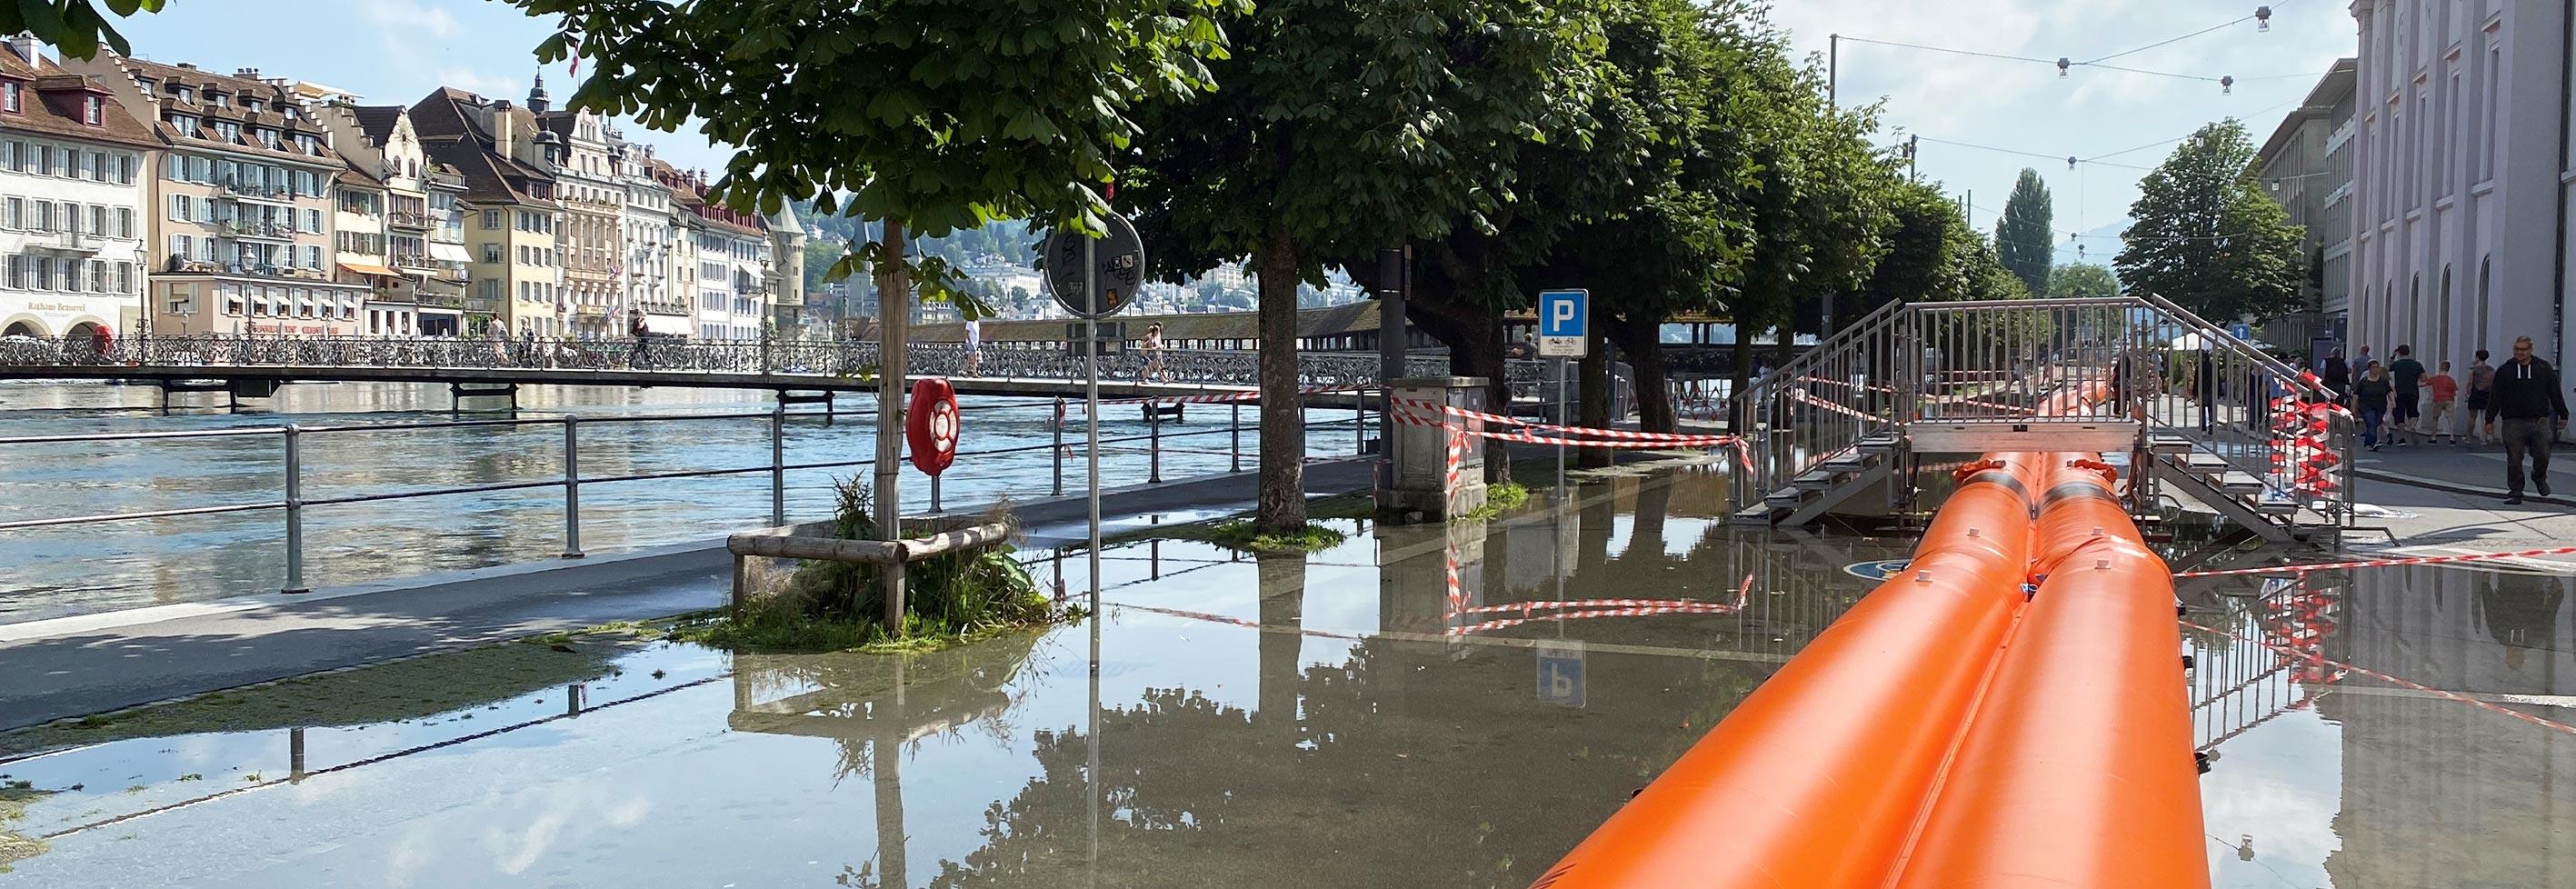 Hochwasser 2021 an der Bahnhofstrasse